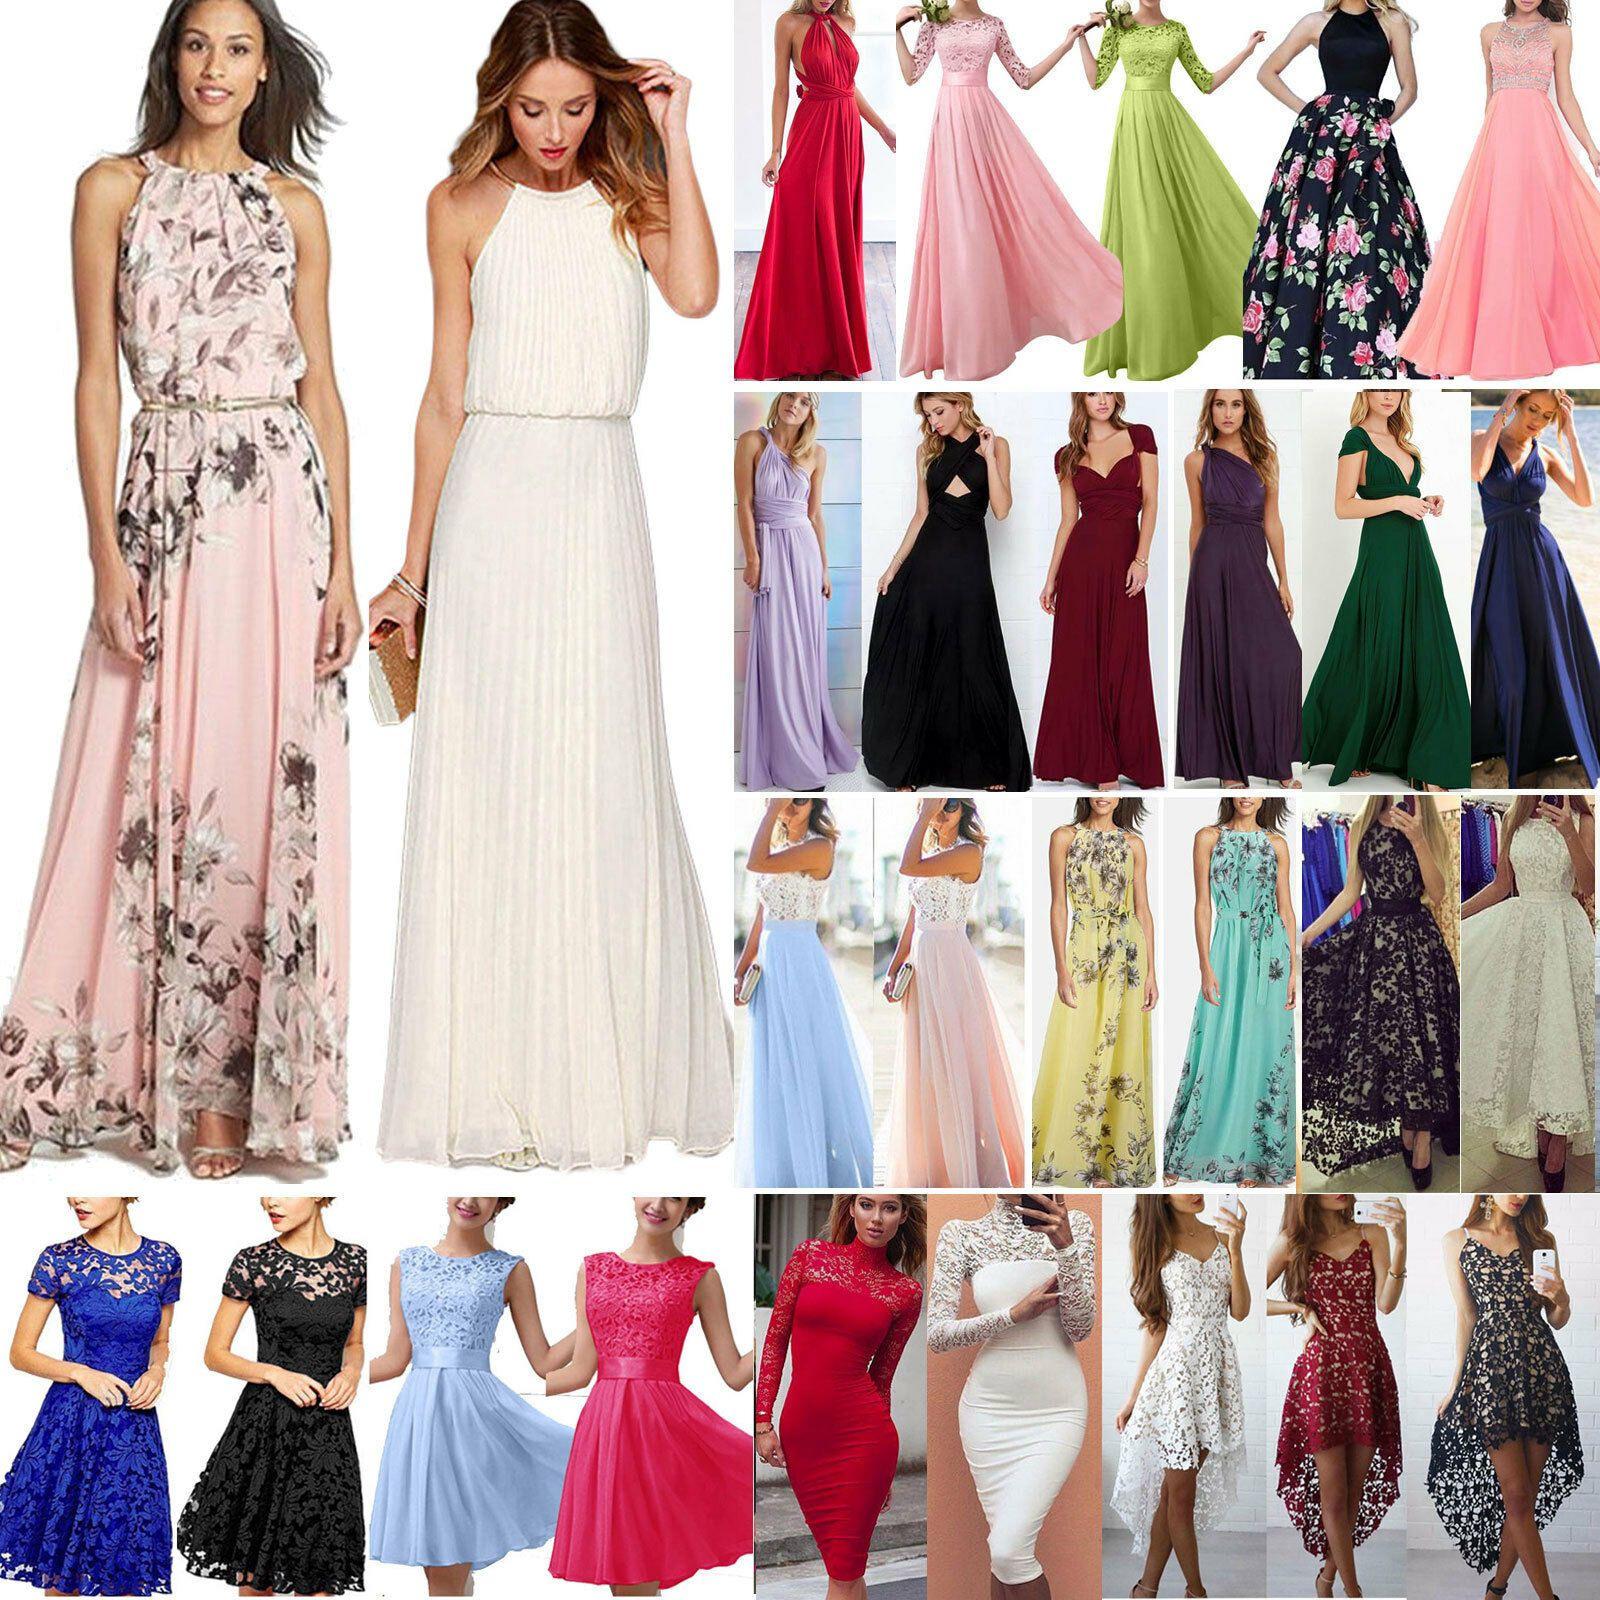 Kleidung Zur Hochzeit  Schone Kleider Fur Hochzeitsgaste